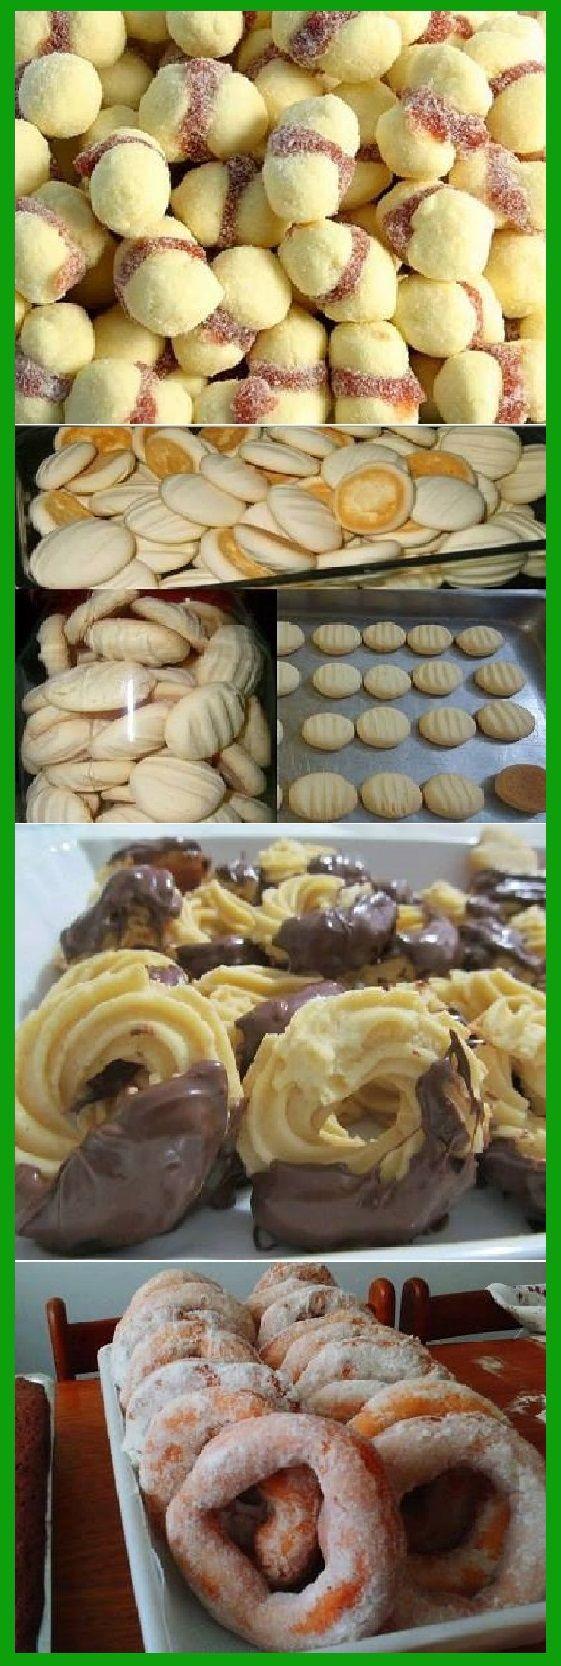 Descubre Cómo Hacer las mejores GALLETAS del mundo.   #galletas #lasmejores #delmundo #chocolatecake #chocolatelovers #chocolatechipcookies #cookies #pan #panfrances #pantone #panes #pantone #pan #receta #recipe #casero #torta #tartas #pastel #nestlecocina #bizcocho #bizcochuelo #tasty #cocina #chocolate   Si te gusta dinos HOLA y dale a Me Gusta MIREN …